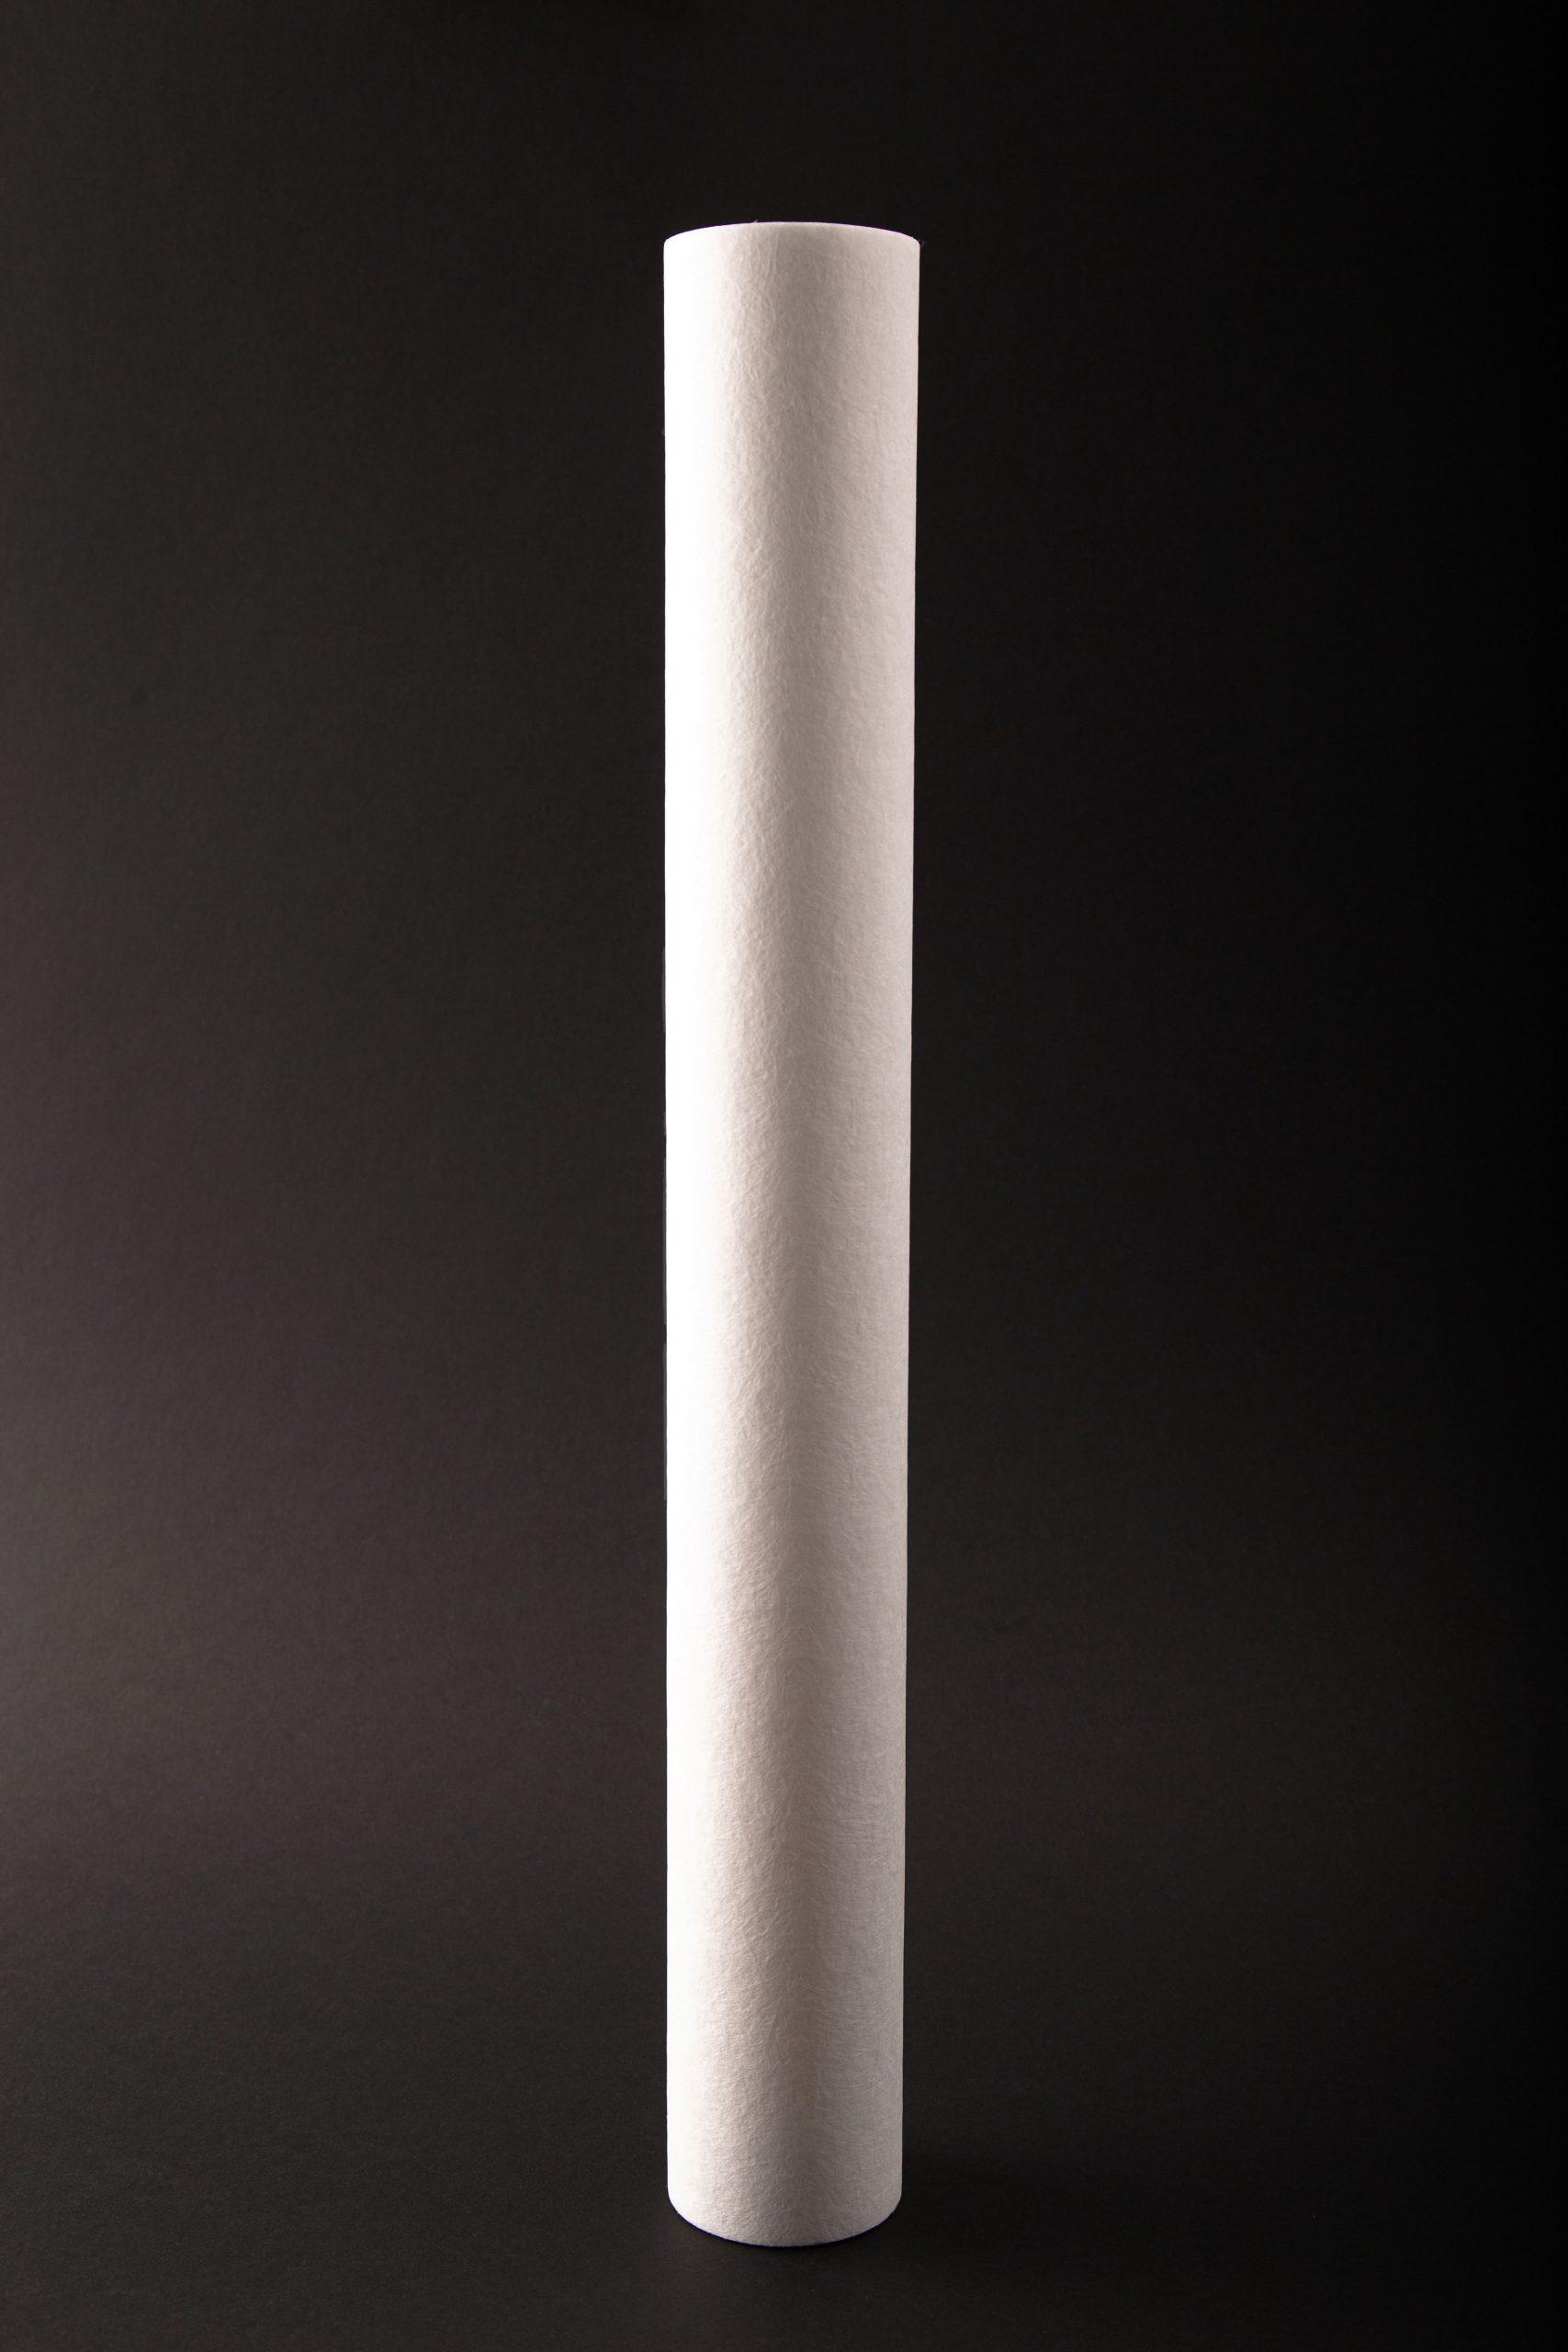 Картридж PP20 полипропиленовый (высота 508 мм)